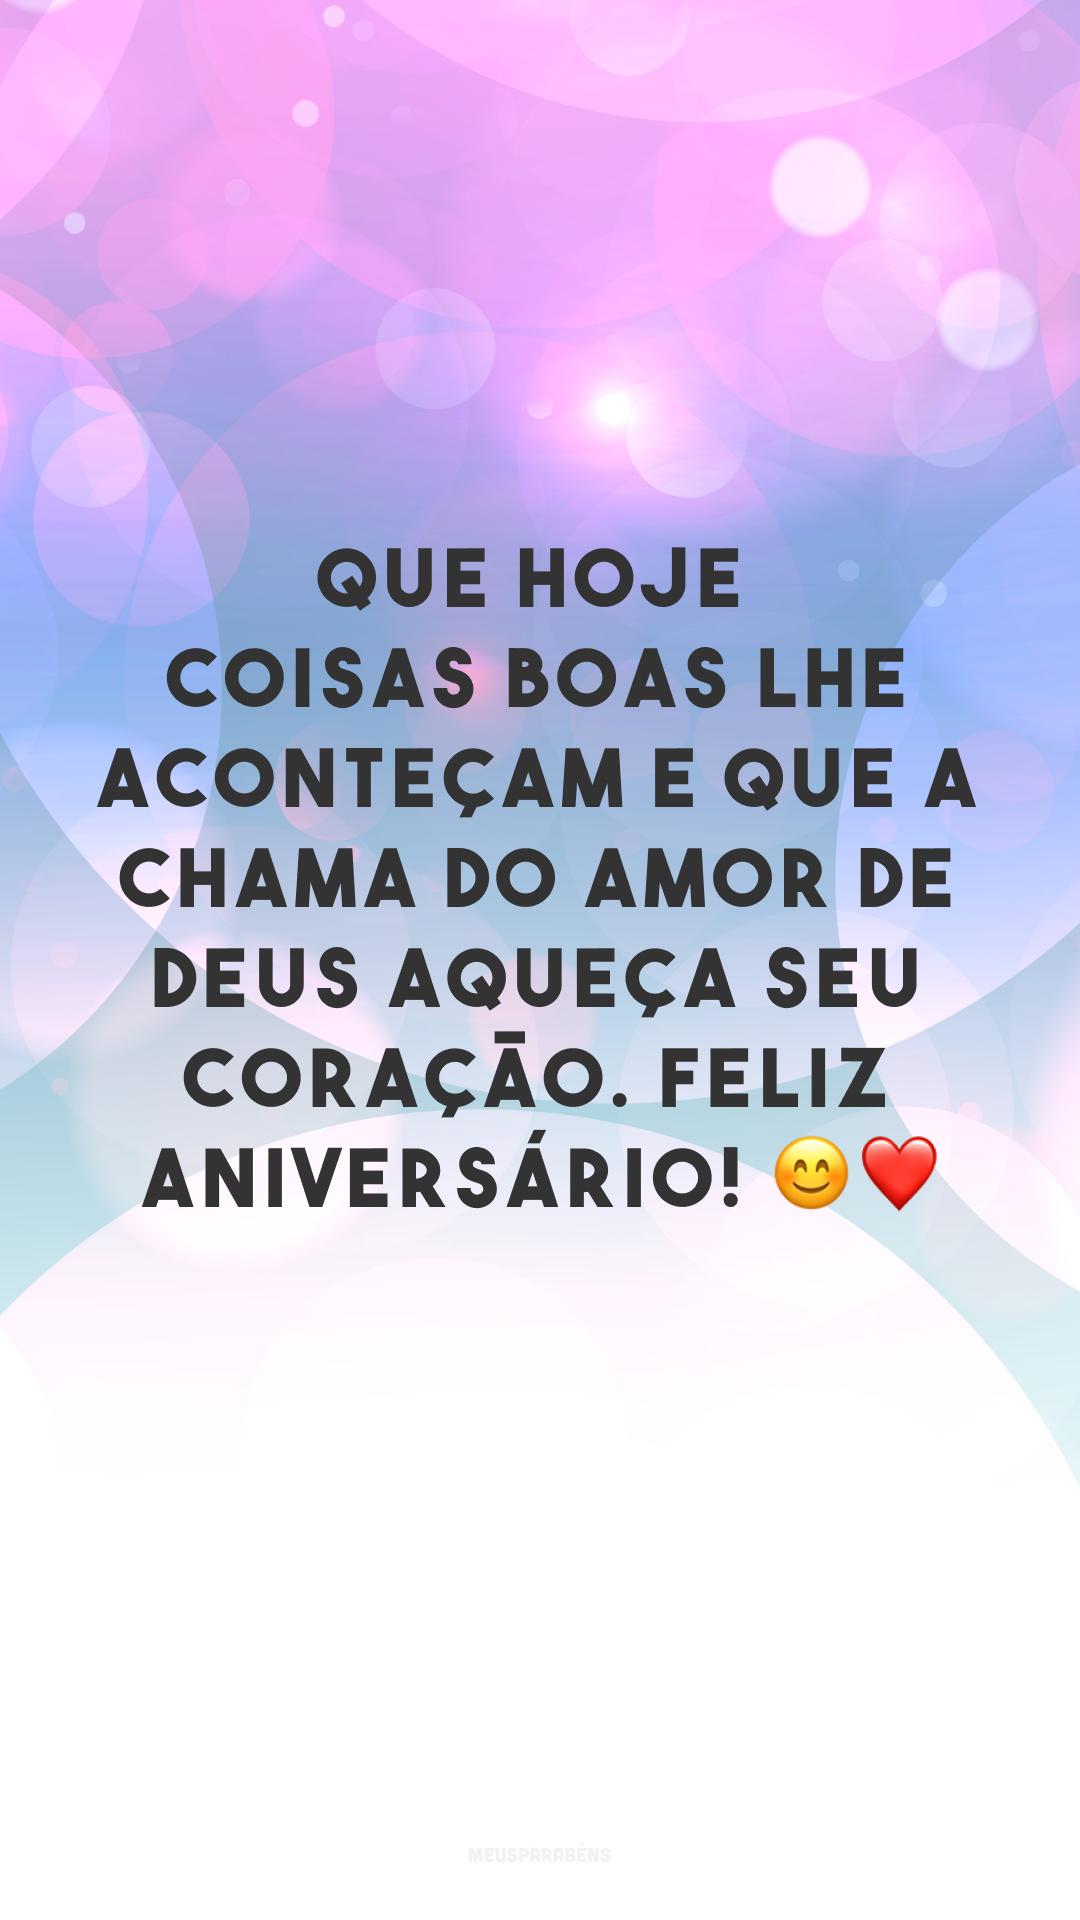 Que hoje coisas boas lhe aconteçam e que a chama do amor de Deus aqueça seu coração. Feliz aniversário! ?❤